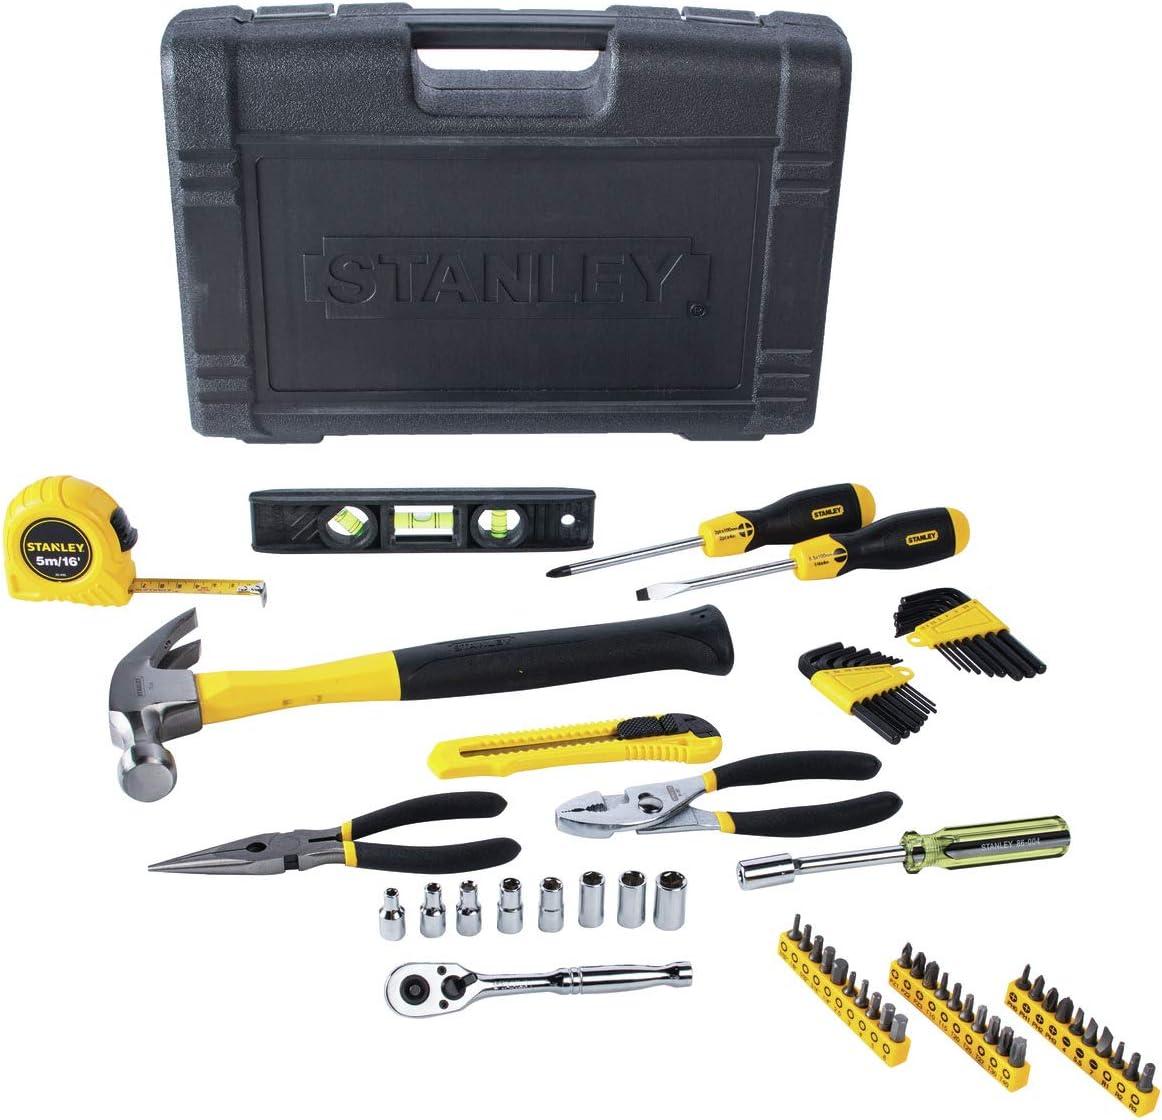 Juego de herramientas Stanley 94-248 para propietarios de casas (65 piezas), 94-248: Amazon.es: Bricolaje y herramientas